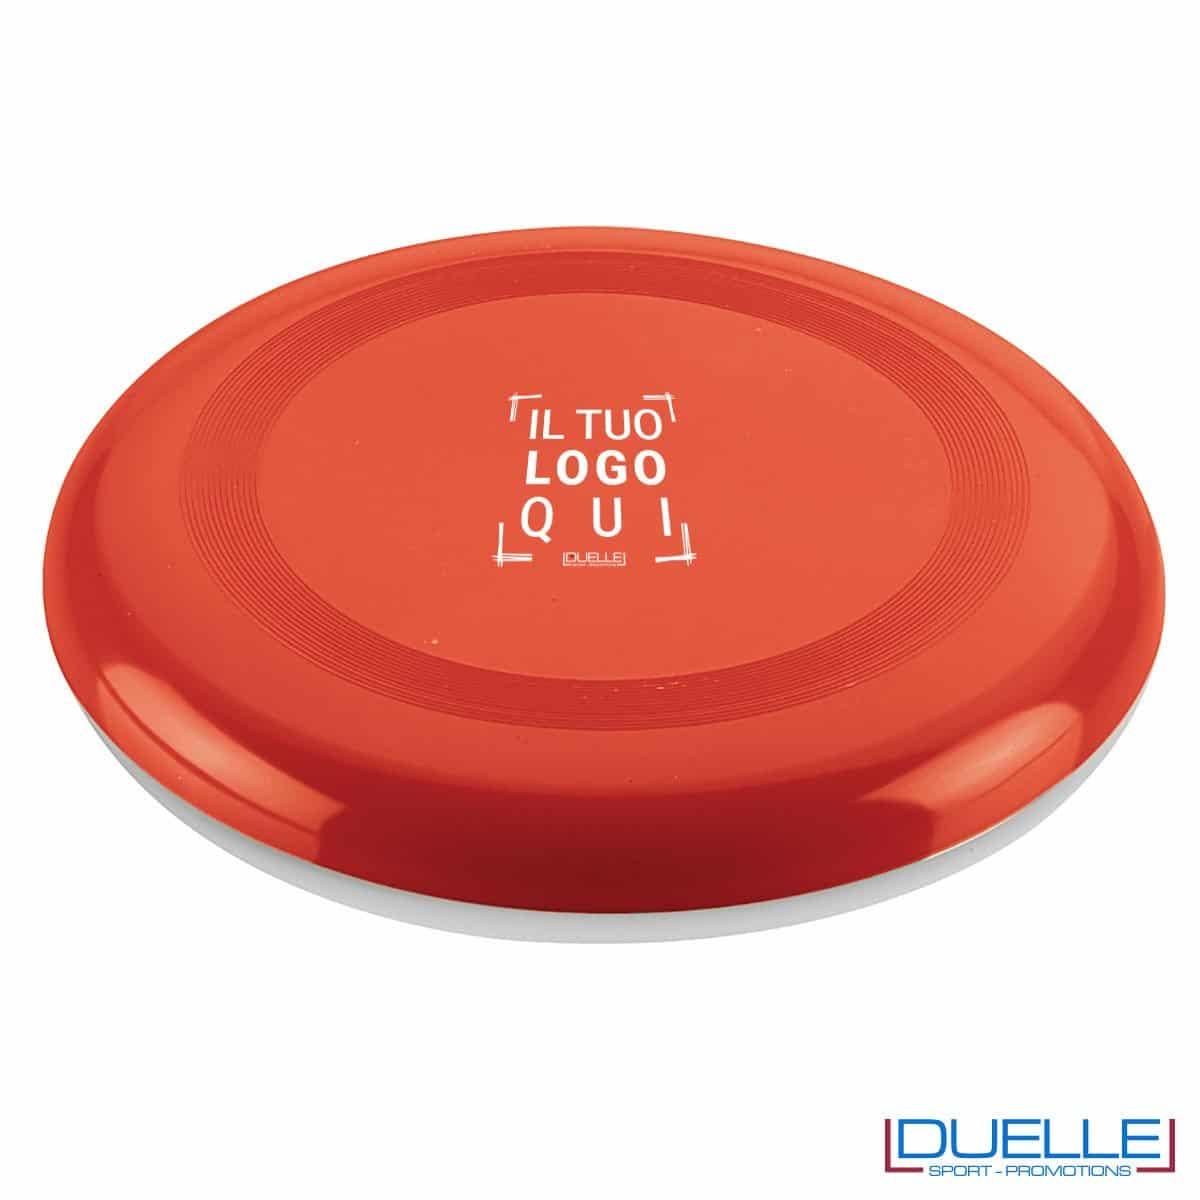 Frisbee personalizzato rosso, gadget mare promozionali, gadget spiaggia personalizzati con logo